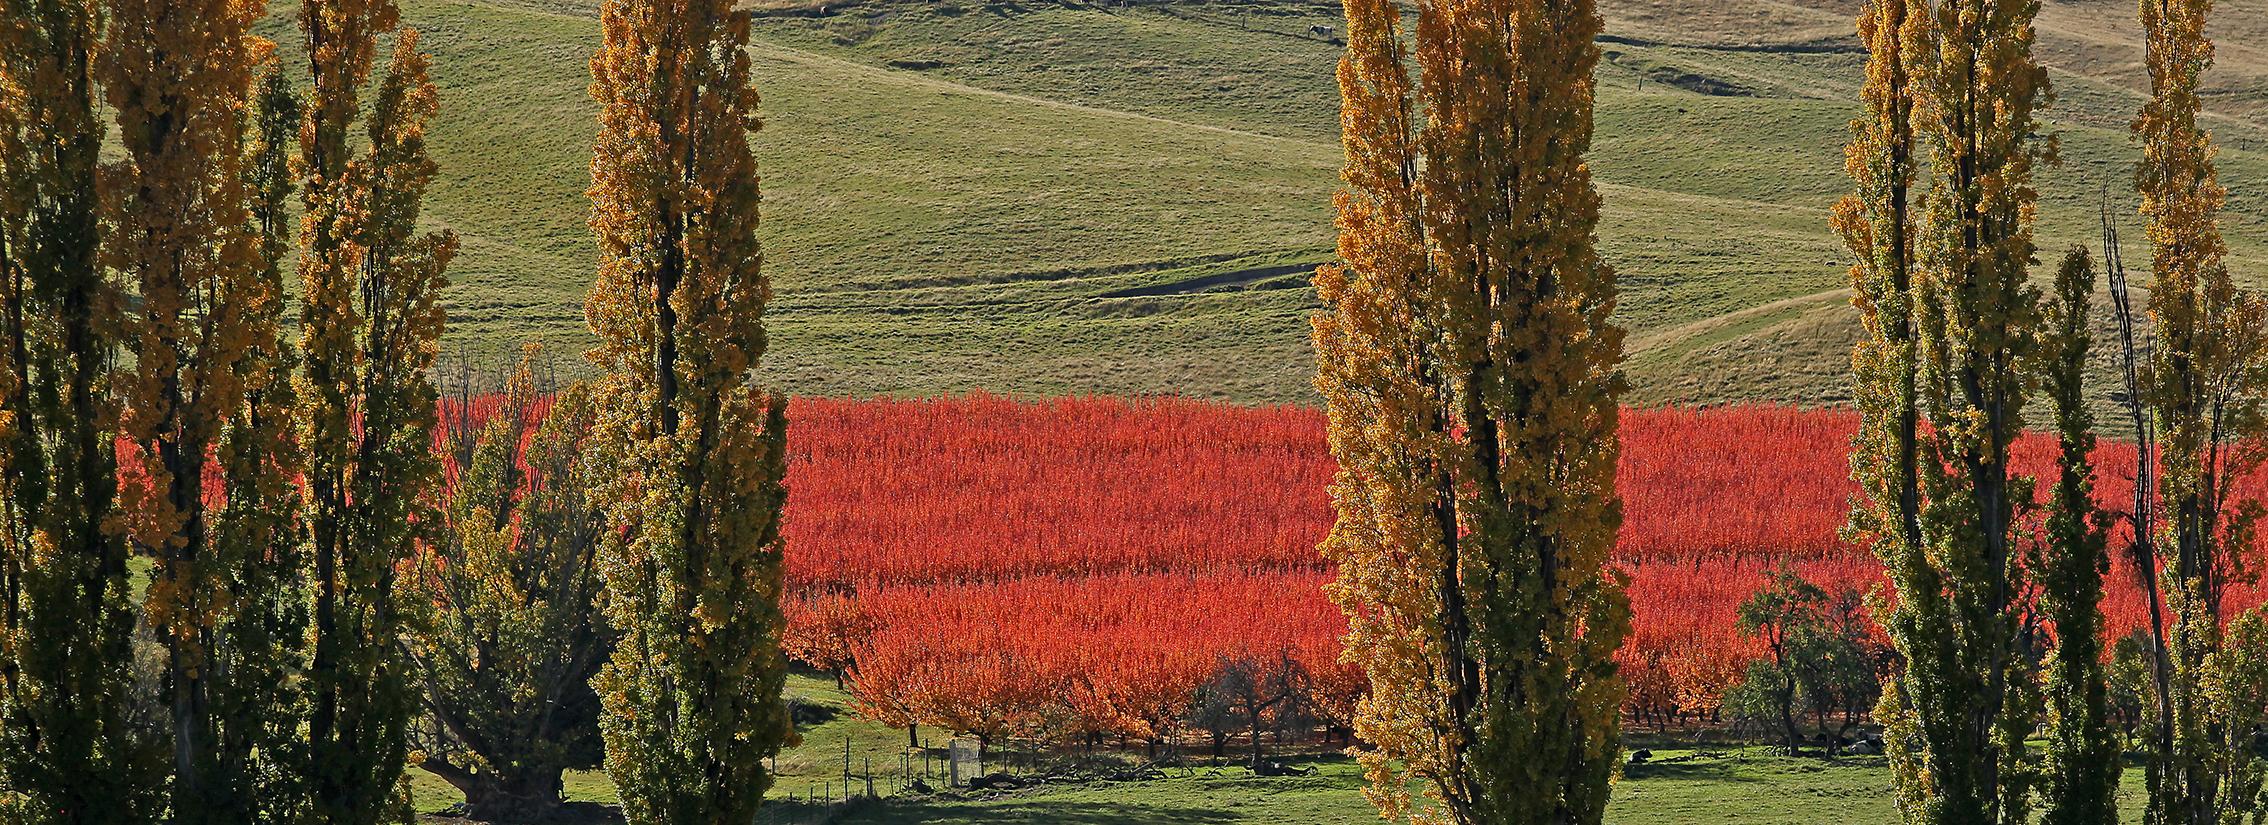 Autumn0666.jpg